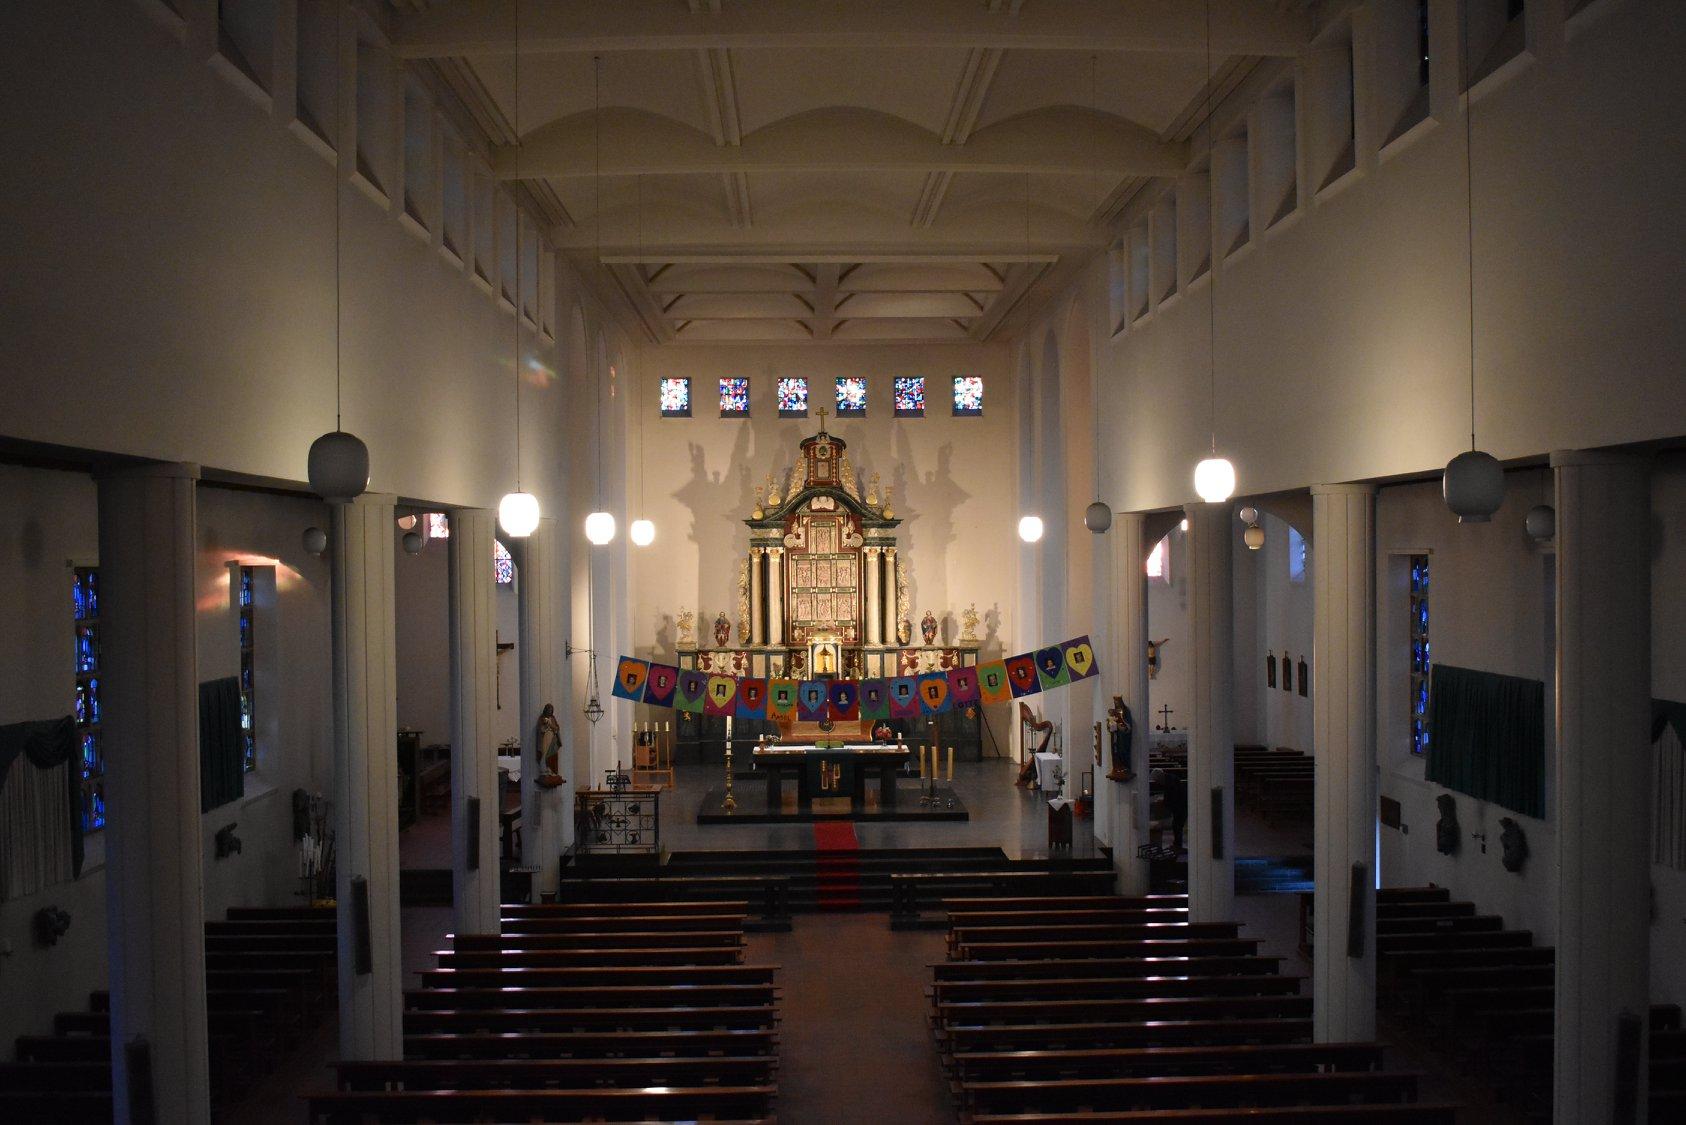 Offerse kerk gaat over op led verlichting   Afferden-limburg.nl